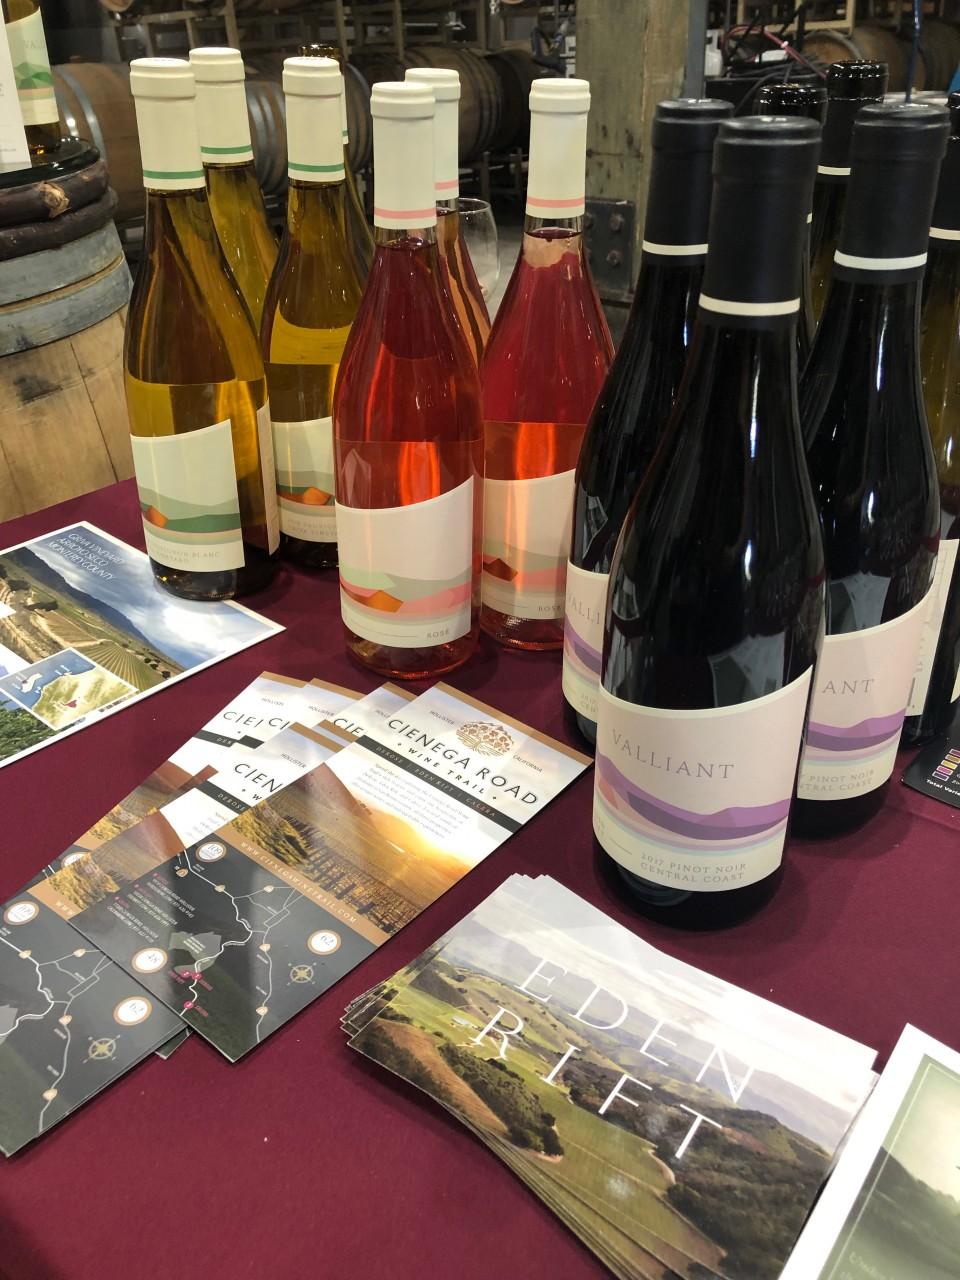 Wine provided by Eden Rift Vineyards.